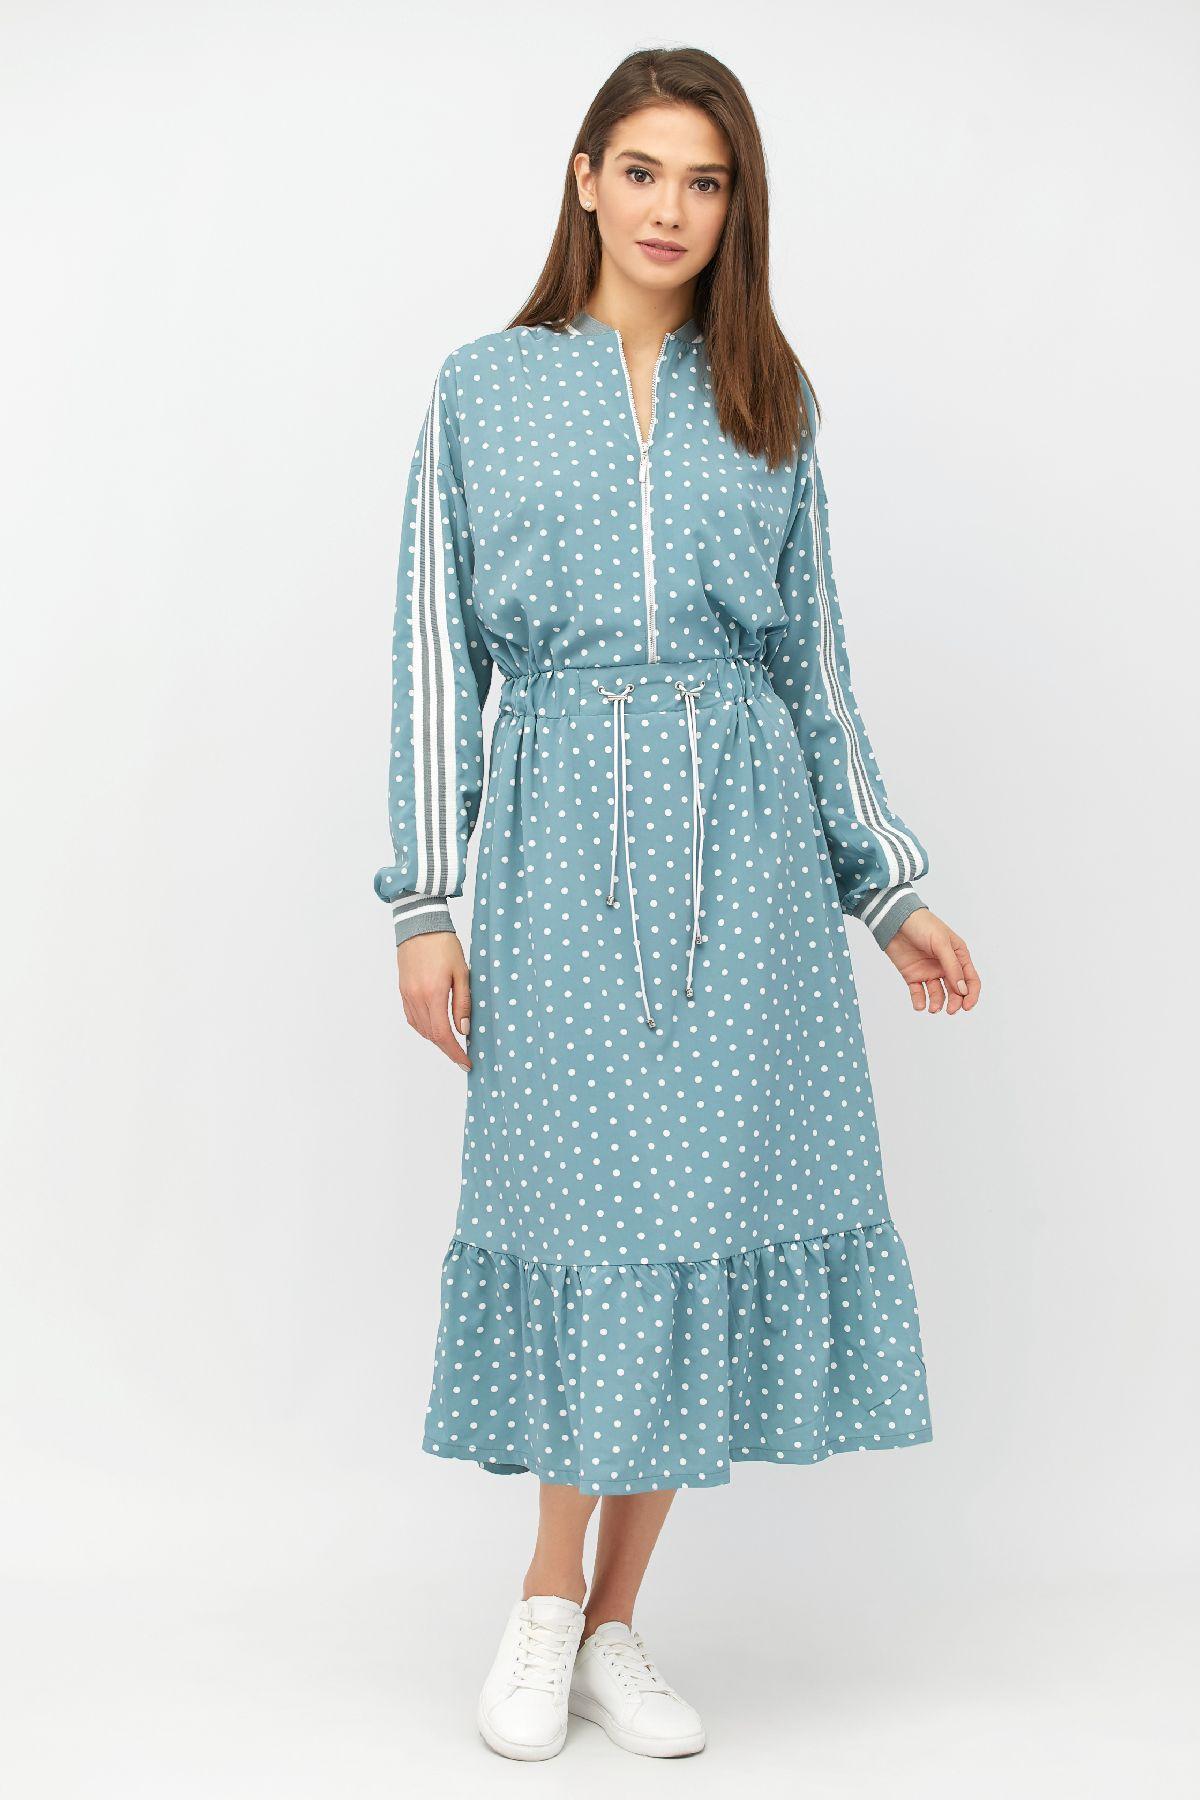 49f2a7a1e37 Длинное платье в горох